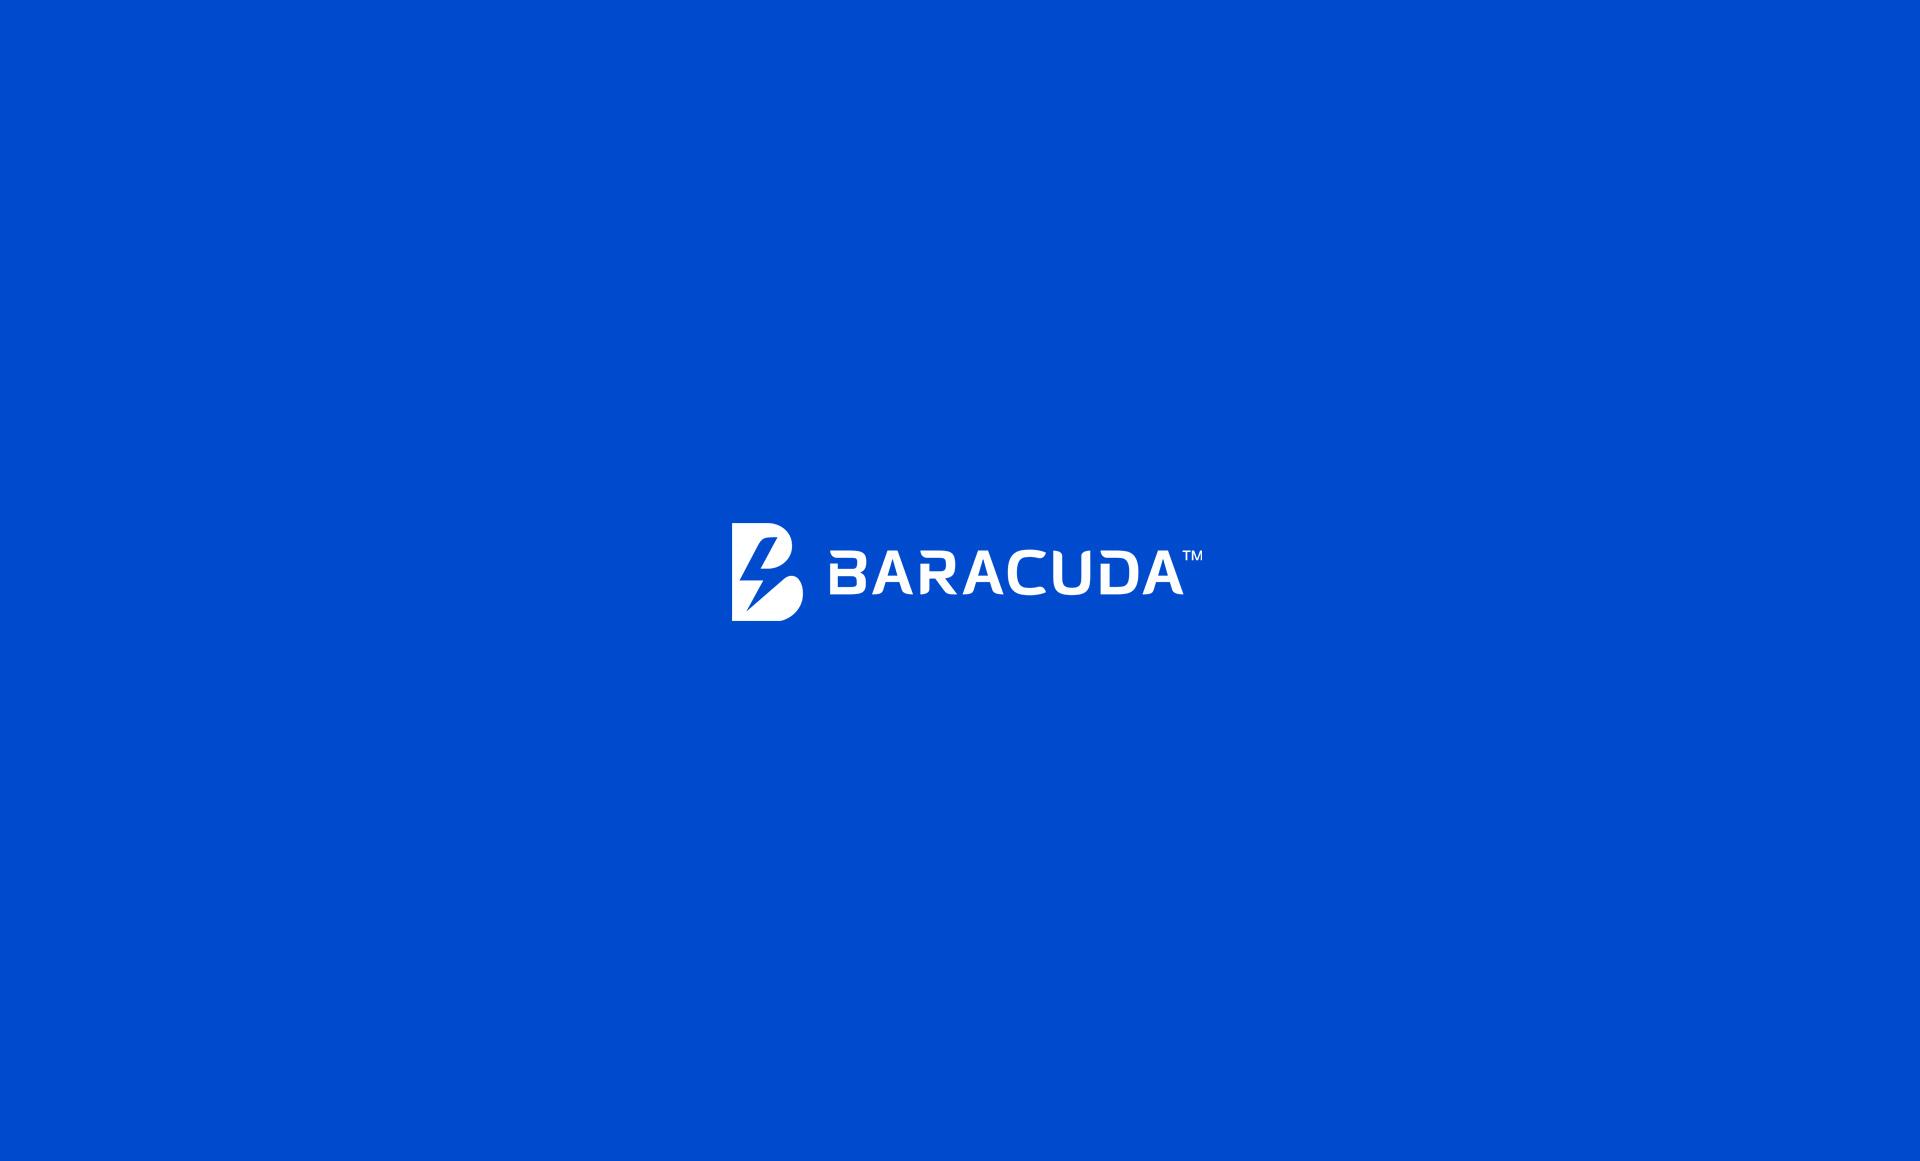 Białe logo baracuda na niebieskim tle